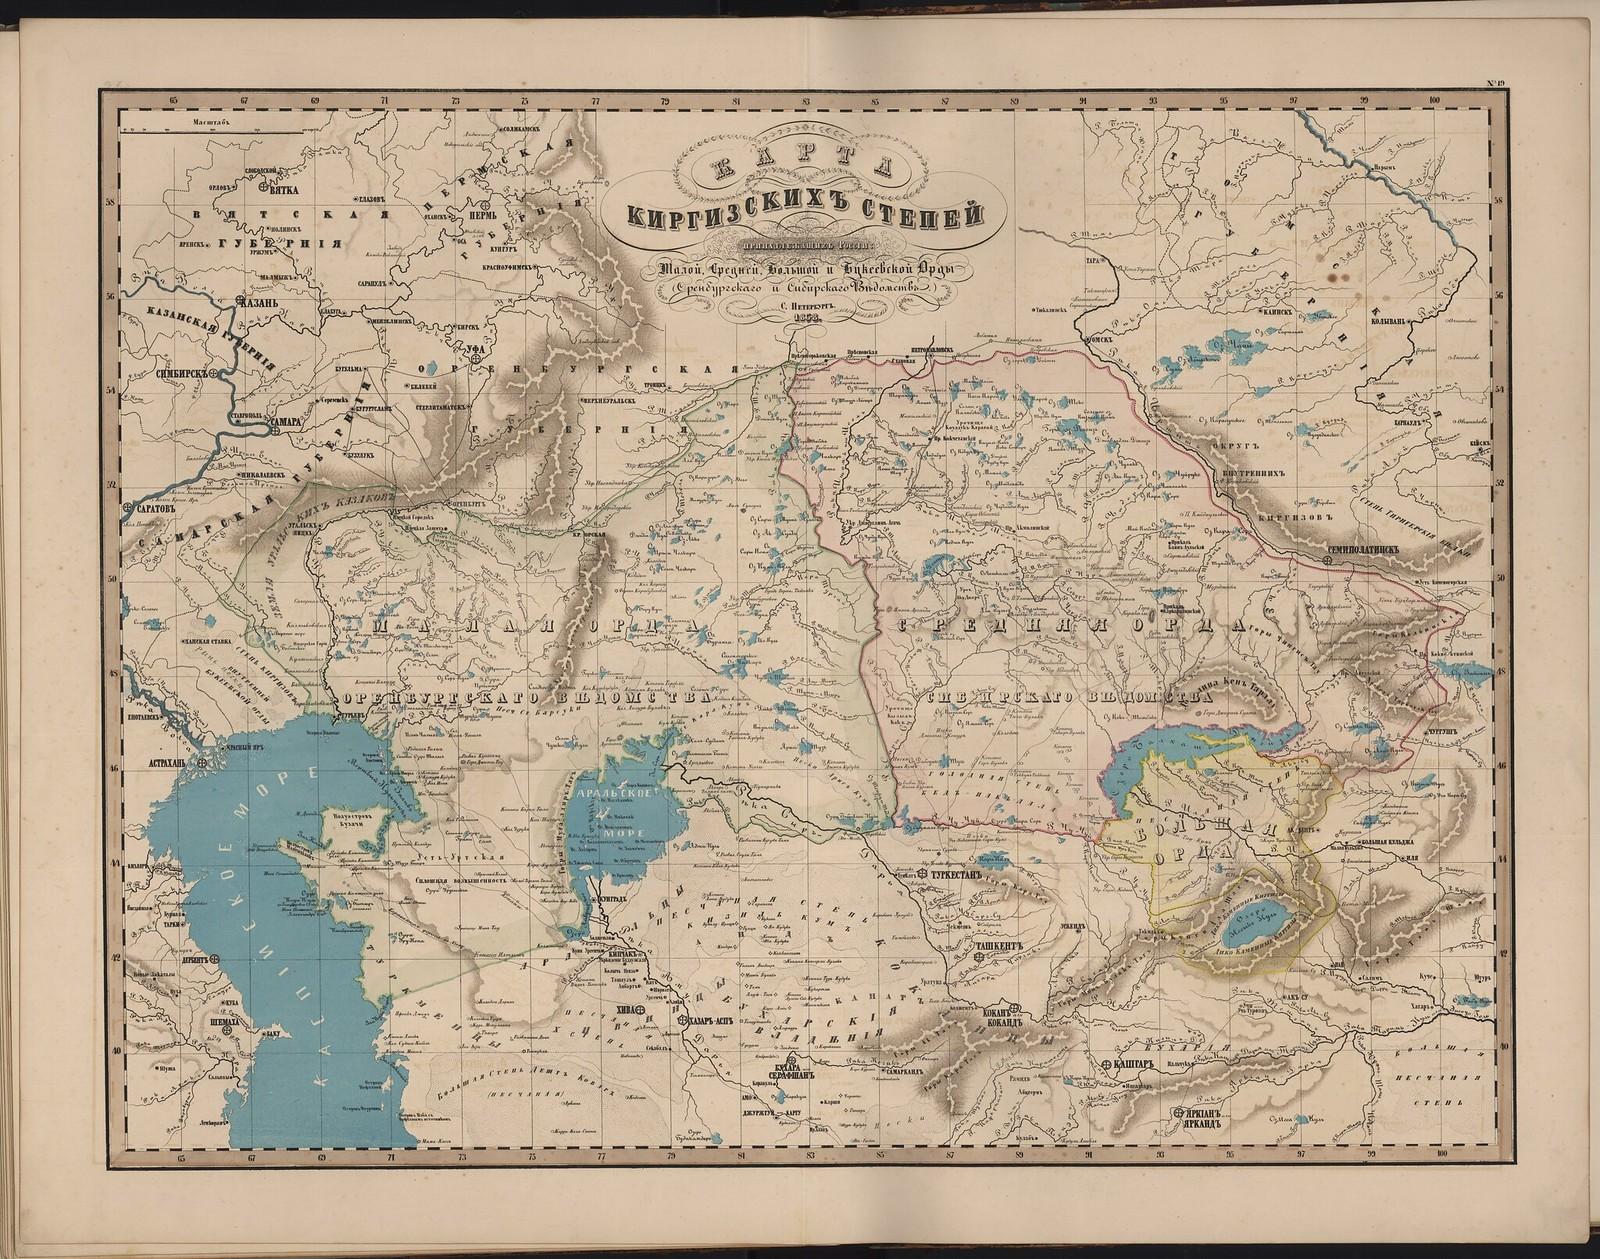 19. Карта Киргизских степей.